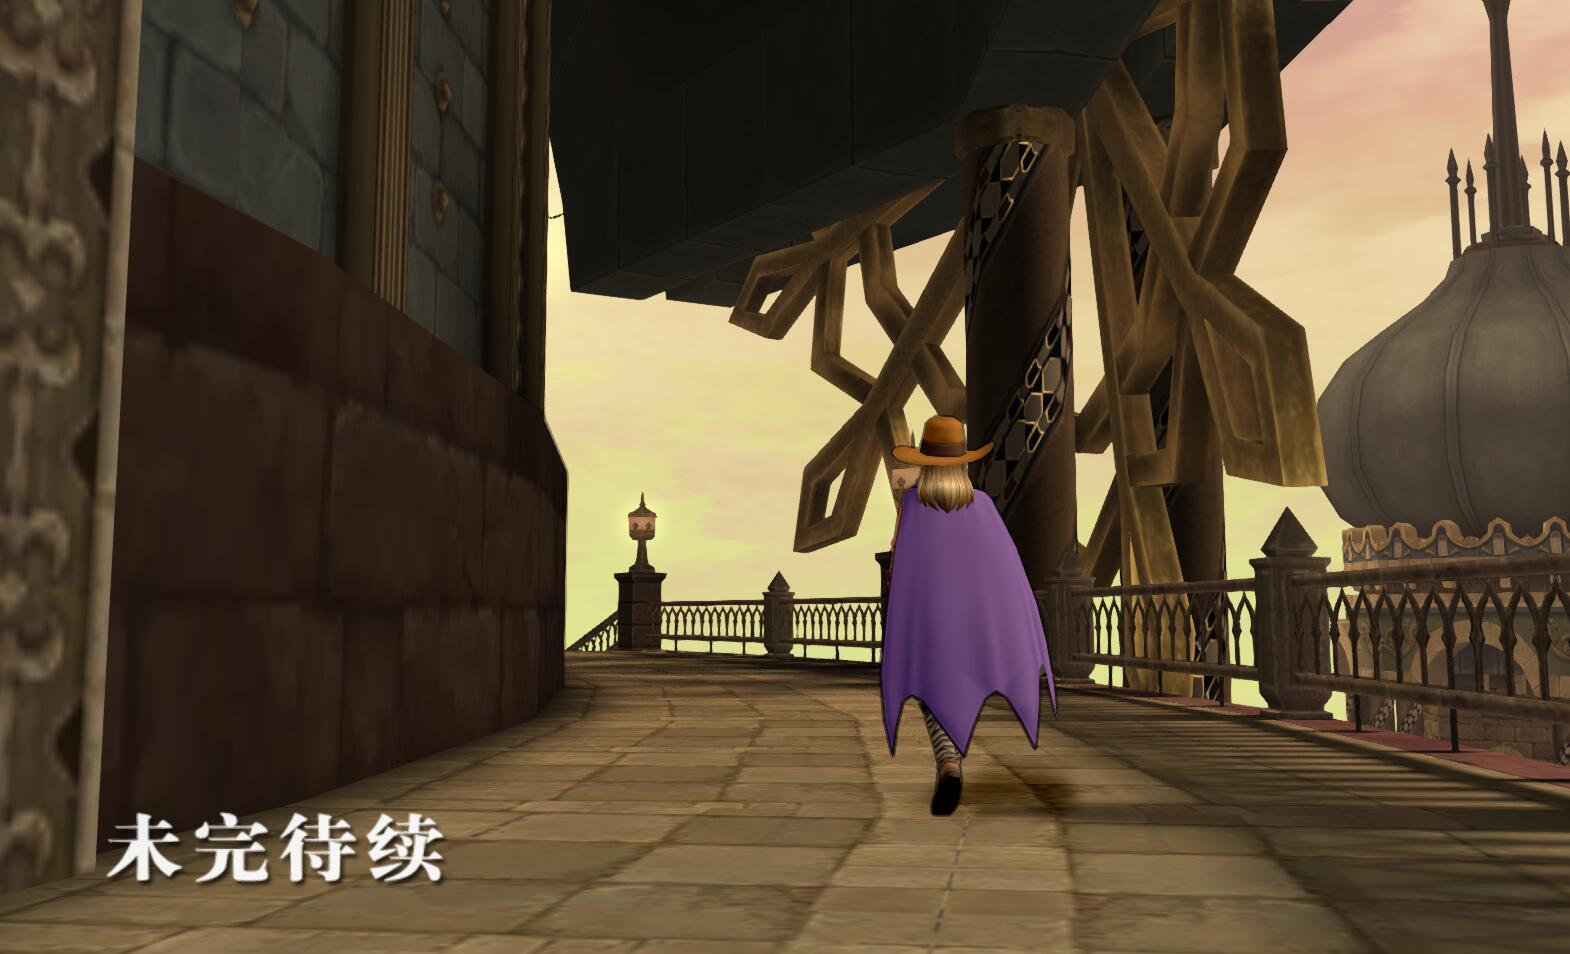 古兰泽朵拉王城攻略-真实的世界1.jpg